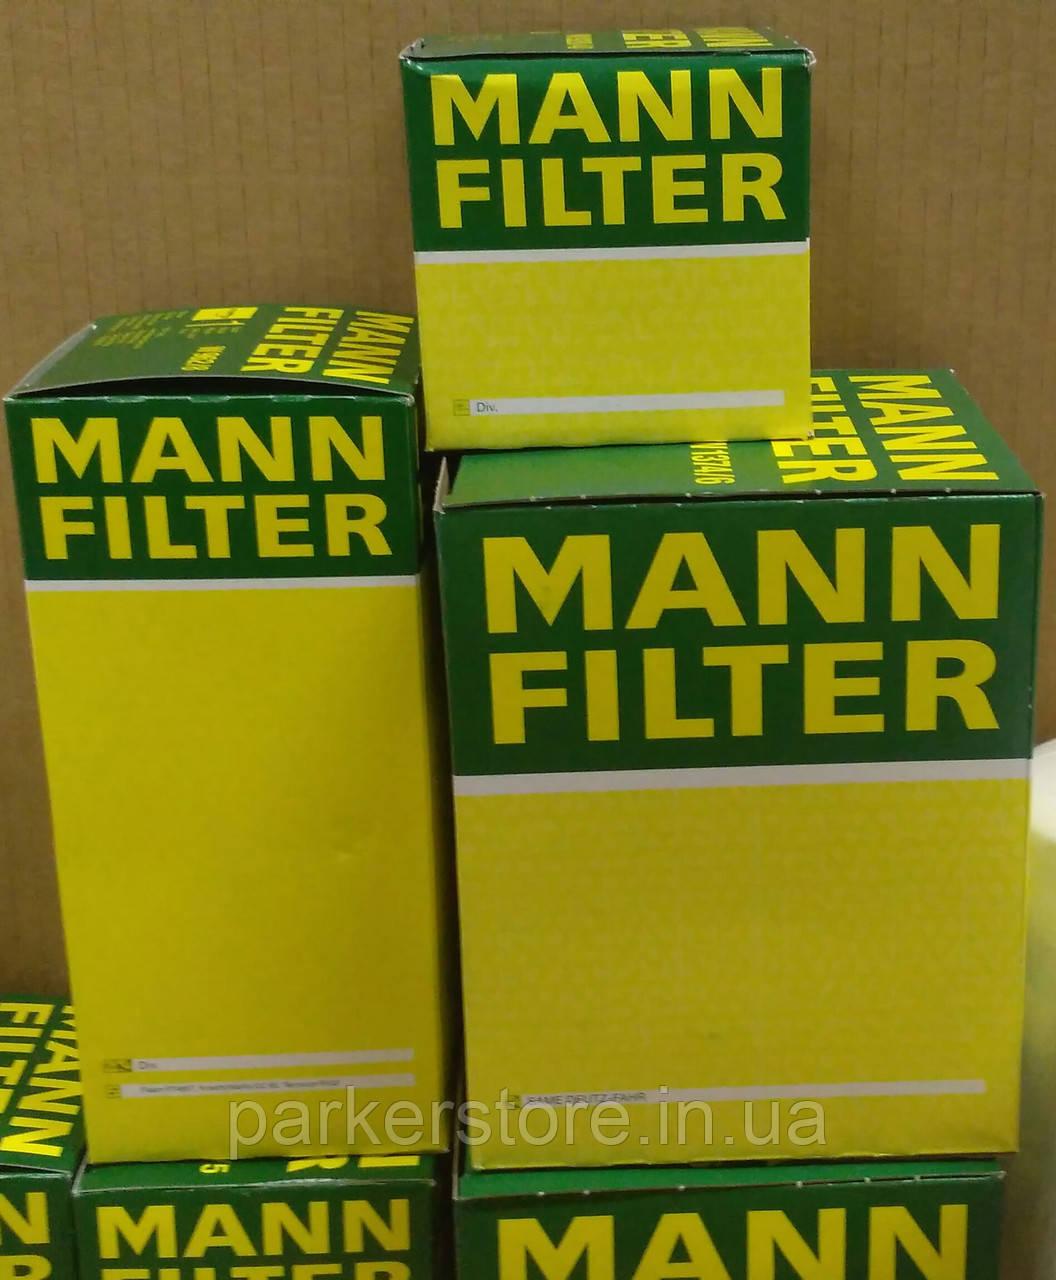 MANN FILTER / Повітряний фільтр / C 13 103/1 / C13103/1